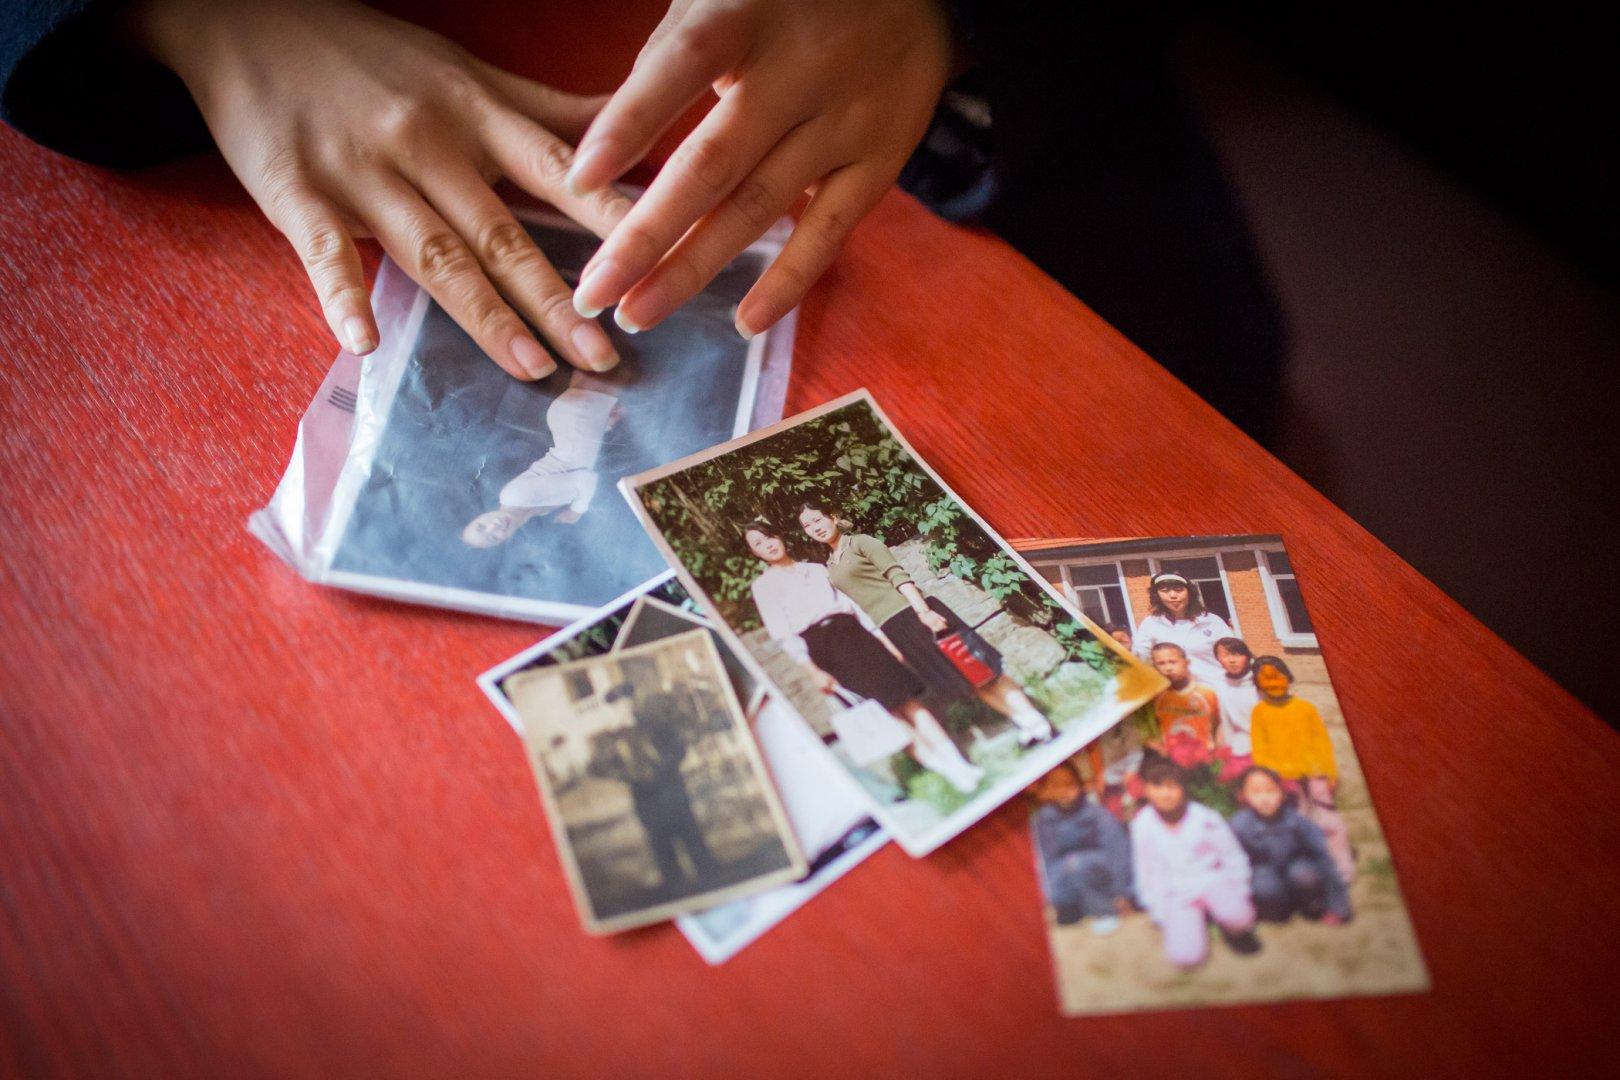 Кьёнг-ок показывает фотографии из путешествия из Северной Кореи в Китай, Вьетнам и Камбоджу в малень